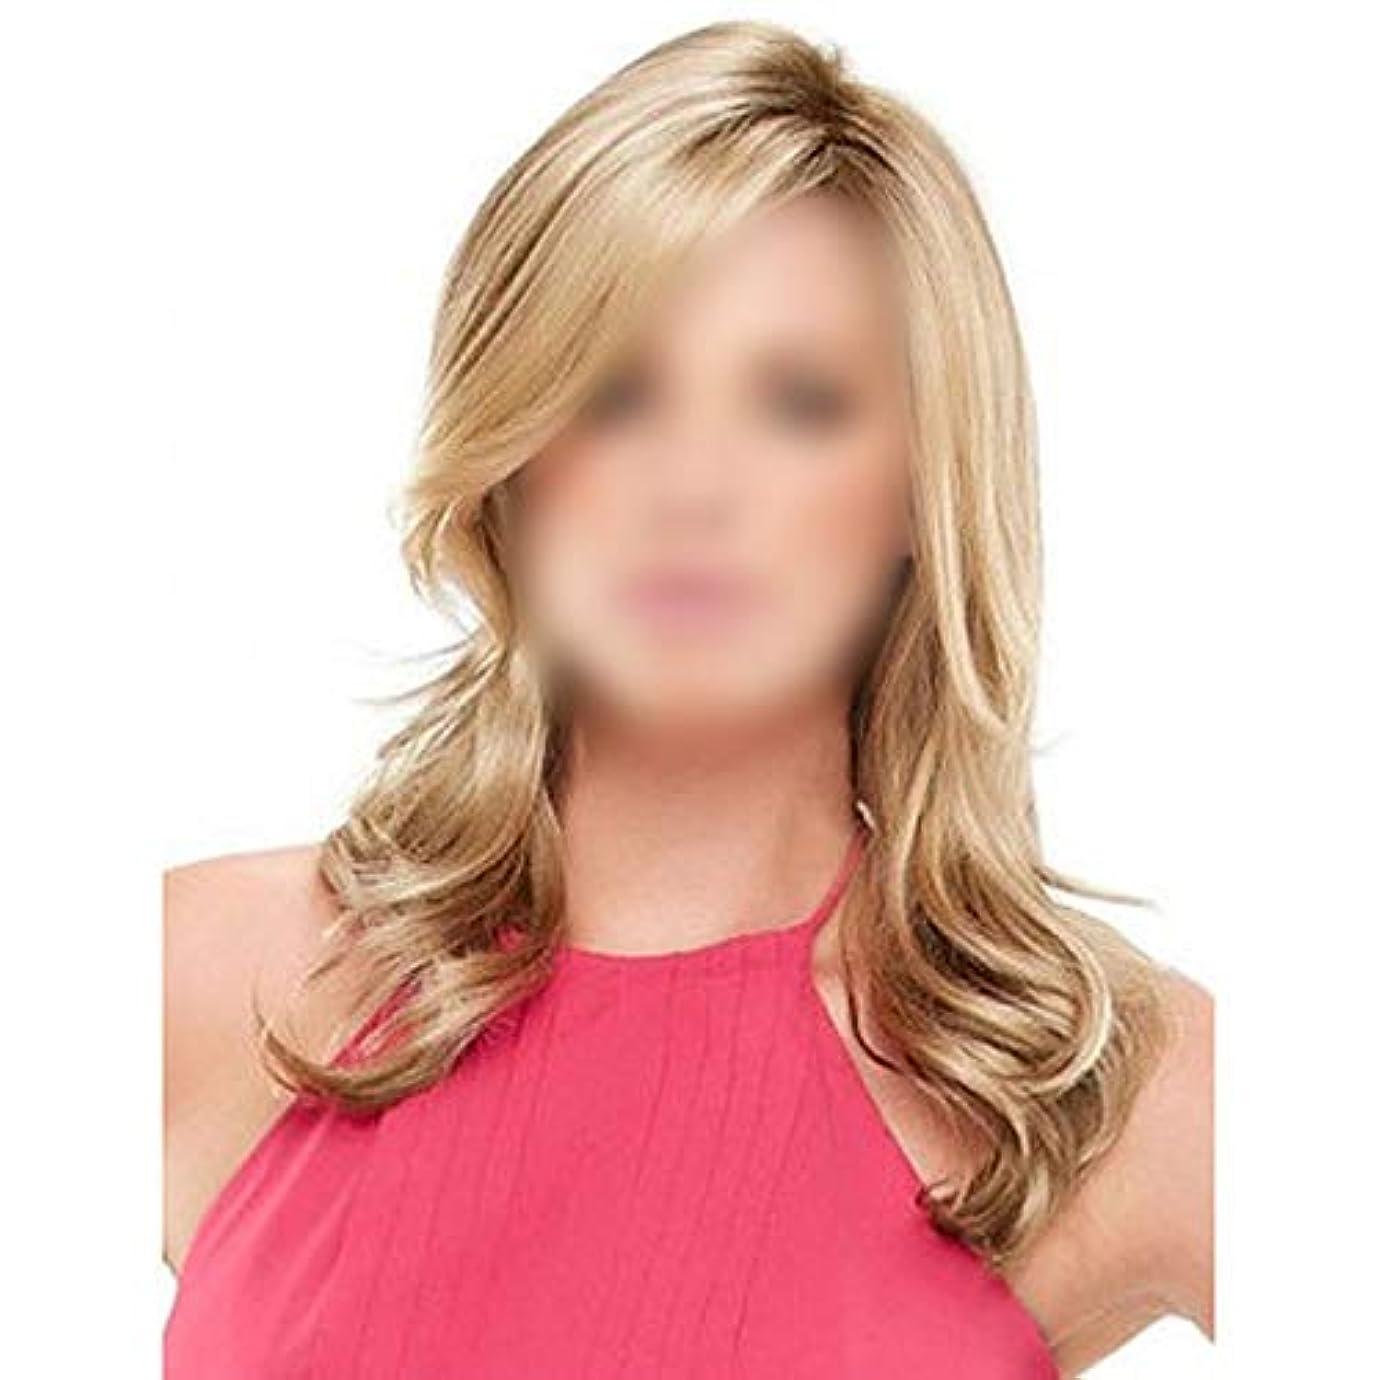 意図するレシピ木材WASAIO 斜め前髪の長いウェーブのかかった巻き毛ウィッグ女性のスタイルの交換のためのアクセサリー毎日のドレス耐熱繊維 (色 : Blonde, サイズ : 70cm)